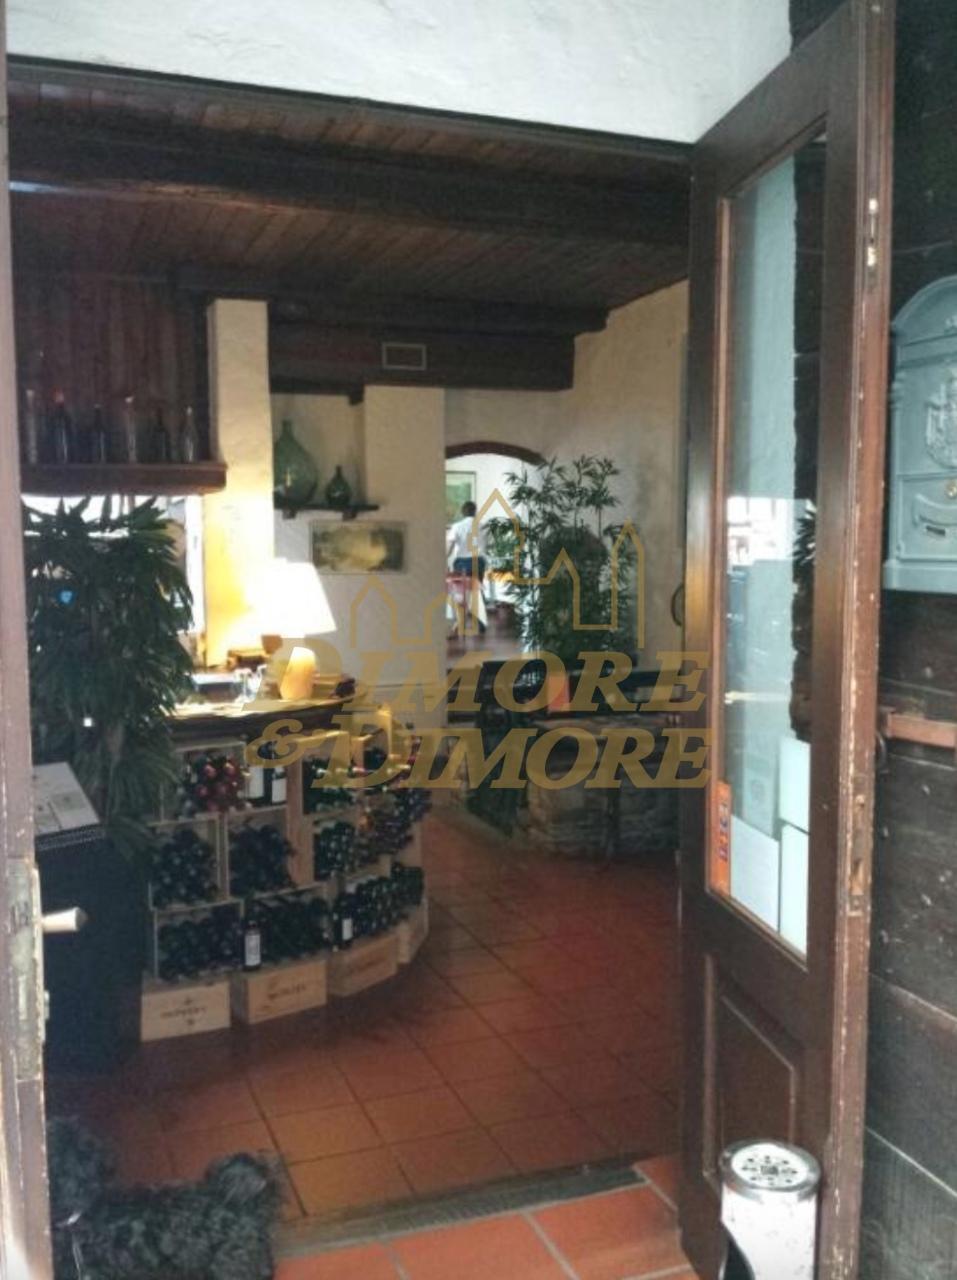 Ristorante / Pizzeria / Trattoria in vendita a Cannobio, 6 locali, prezzo € 90.000 | CambioCasa.it